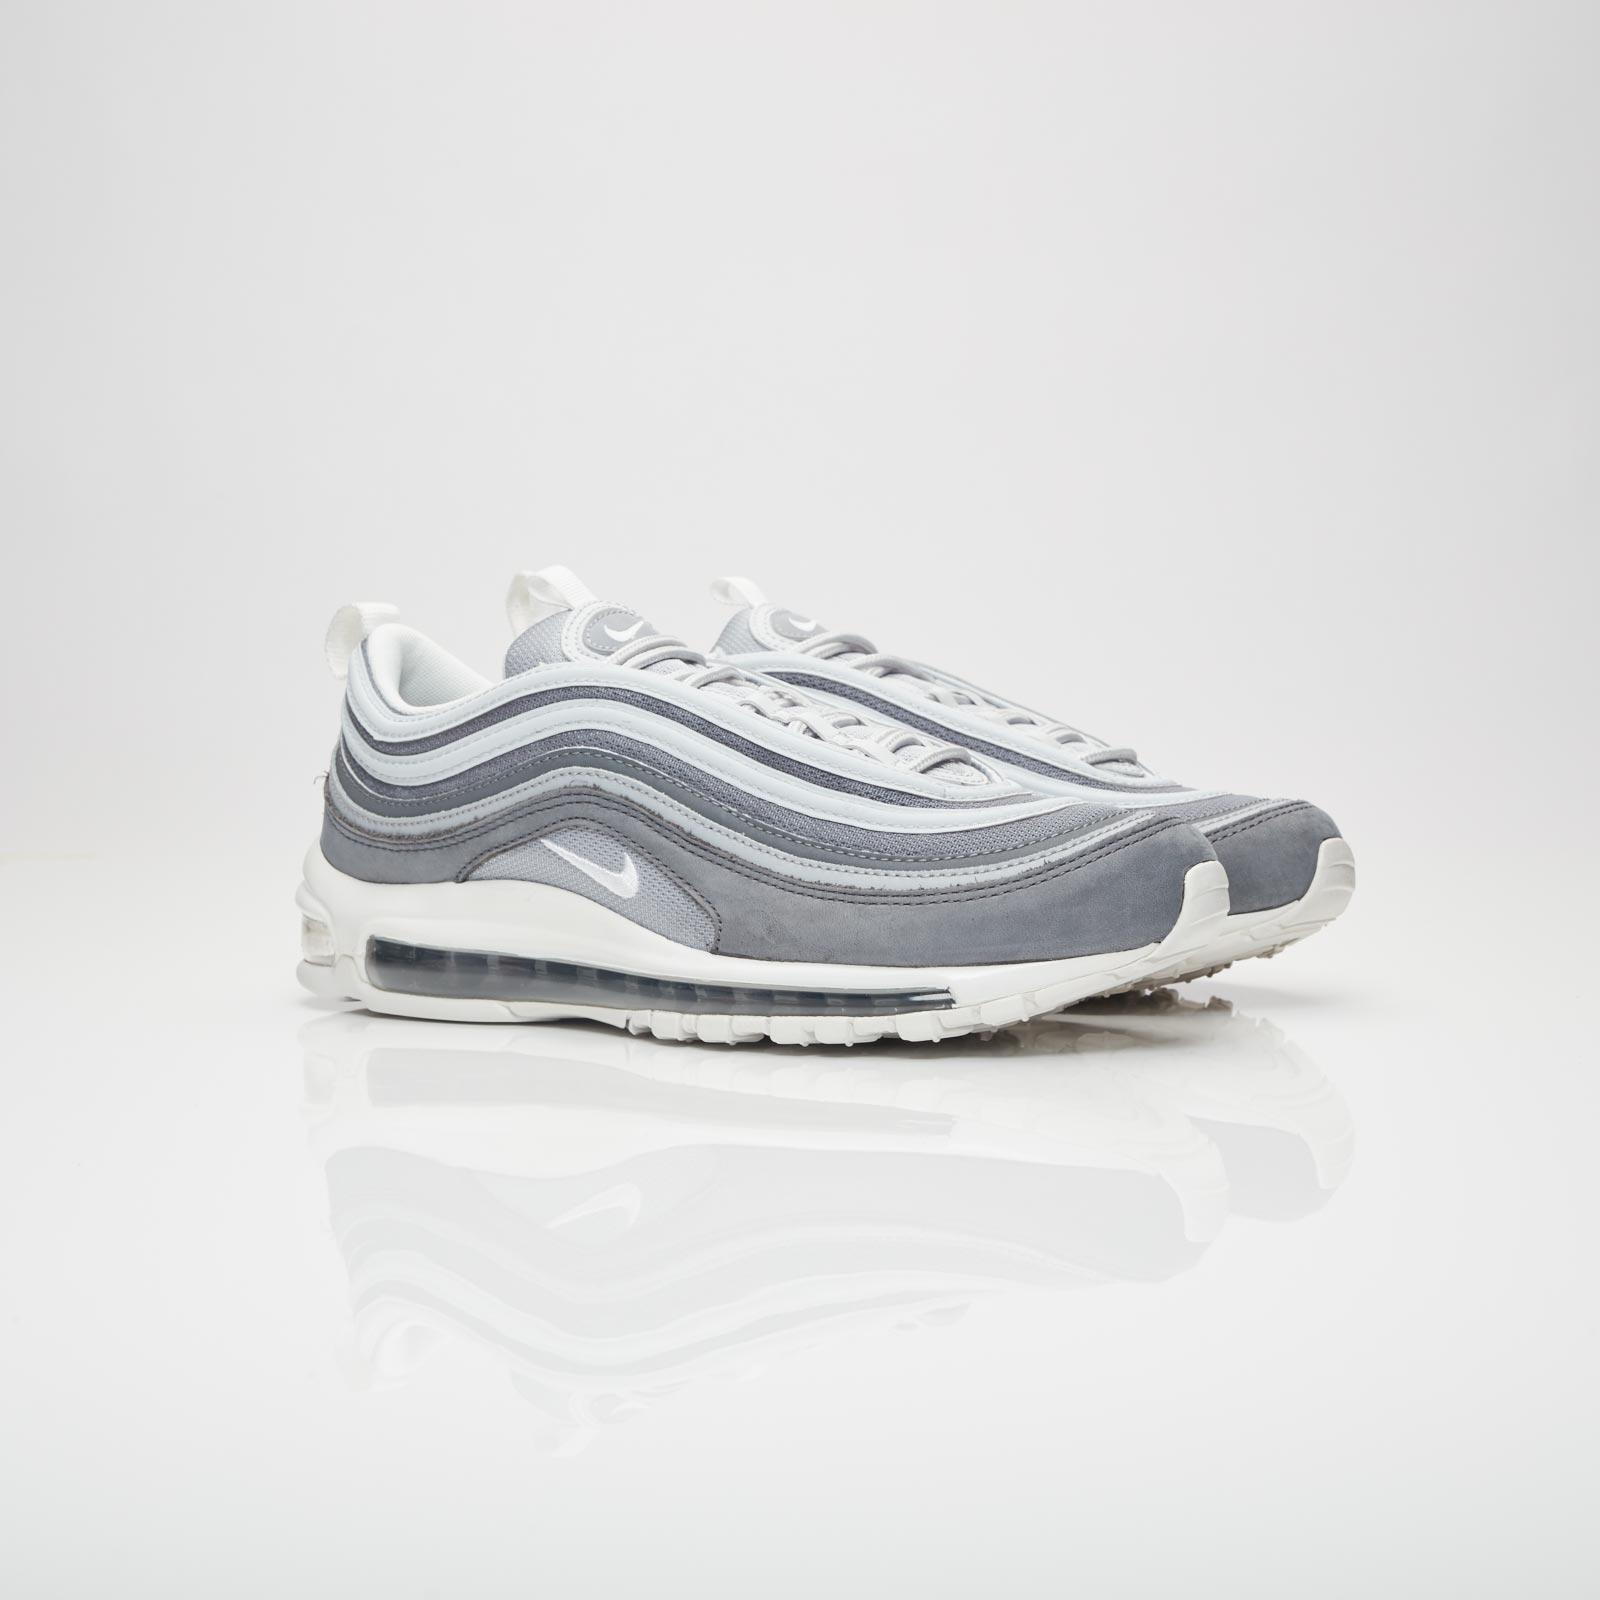 Nike Air Max 97 Premium - 312834-005 - Sneakersnstuff  8bffc6a31a